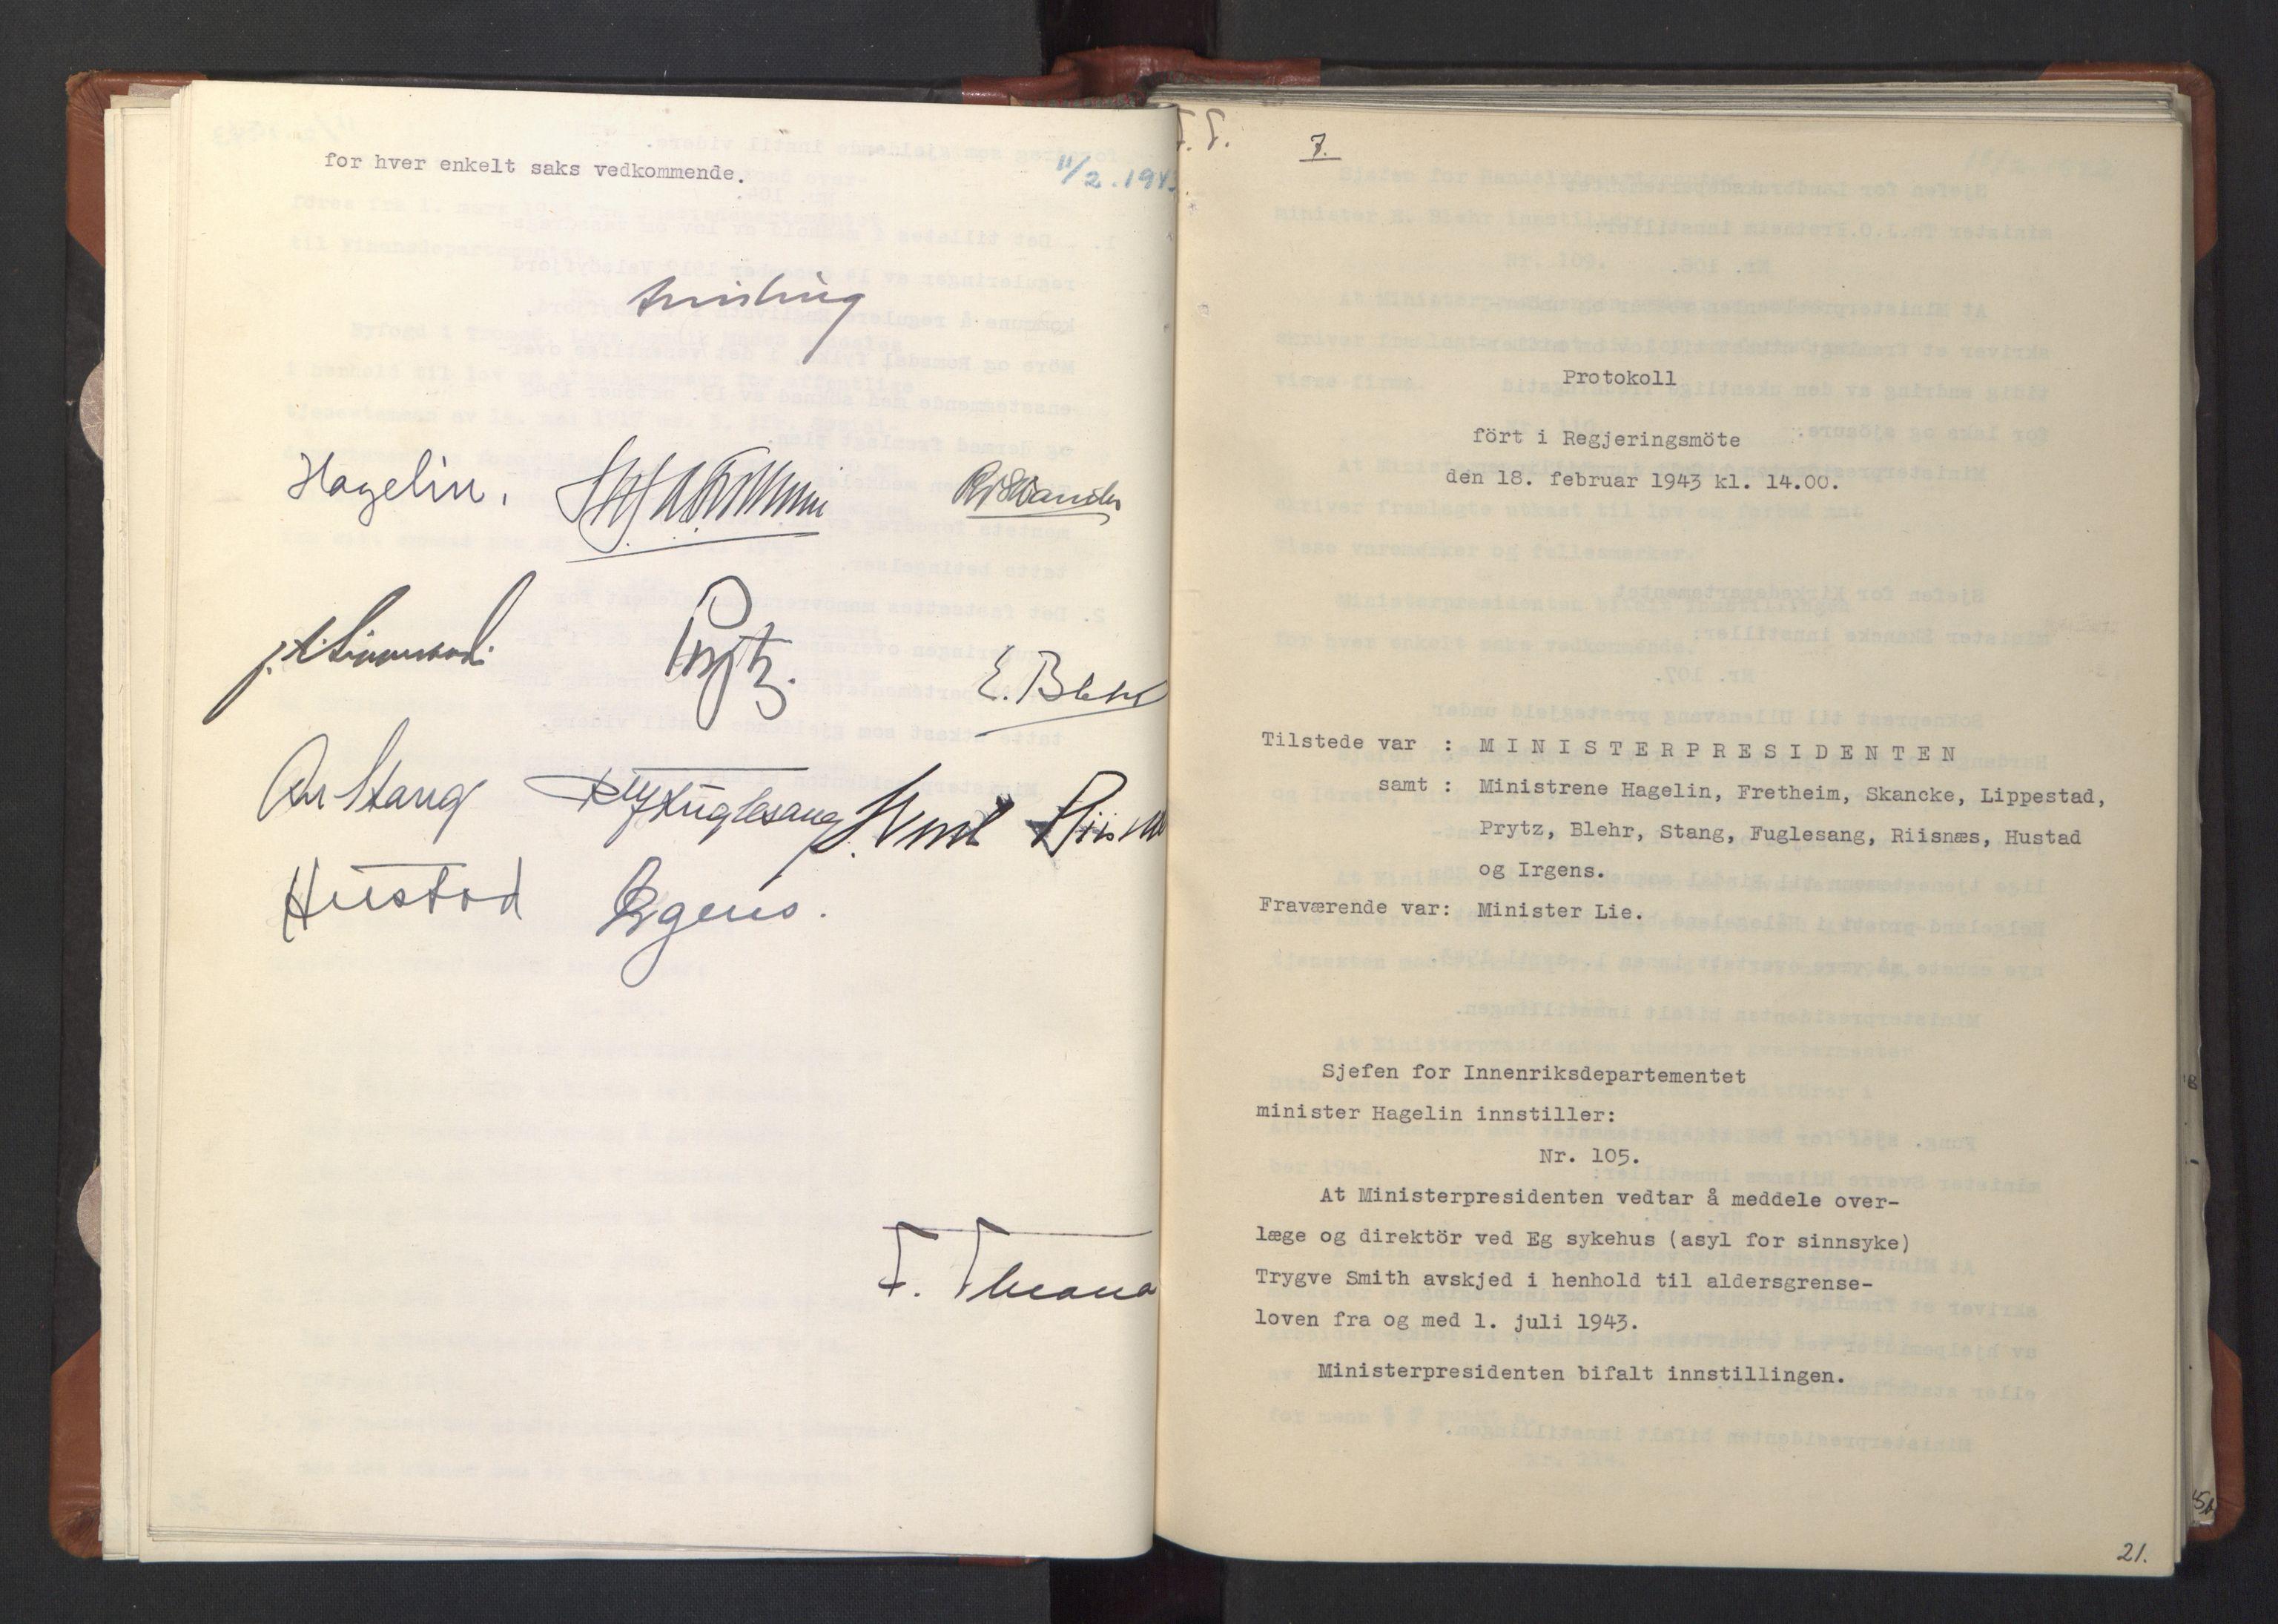 RA, NS-administrasjonen 1940-1945 (Statsrådsekretariatet, de kommisariske statsråder mm), D/Da/L0003: Vedtak (Beslutninger) nr. 1-746 og tillegg nr. 1-47 (RA. j.nr. 1394/1944, tilgangsnr. 8/1944, 1943, s. 20b-21a